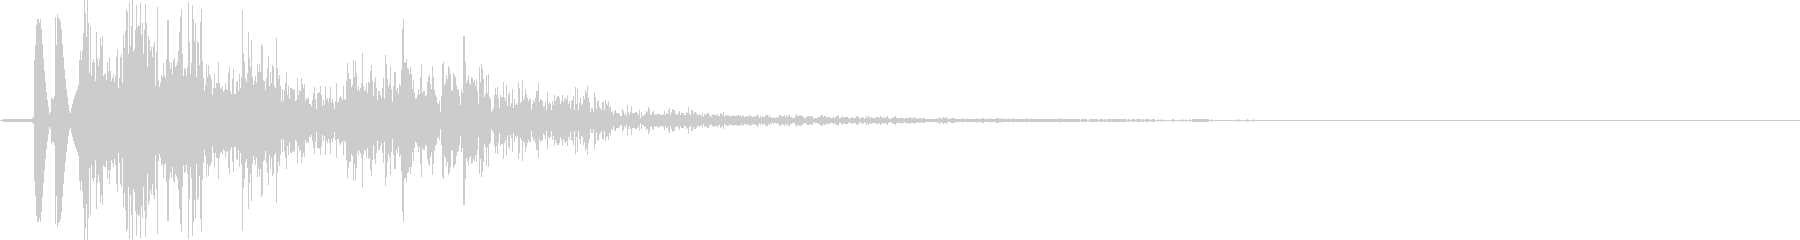 ショットガン:シングルショットの未再生の波形